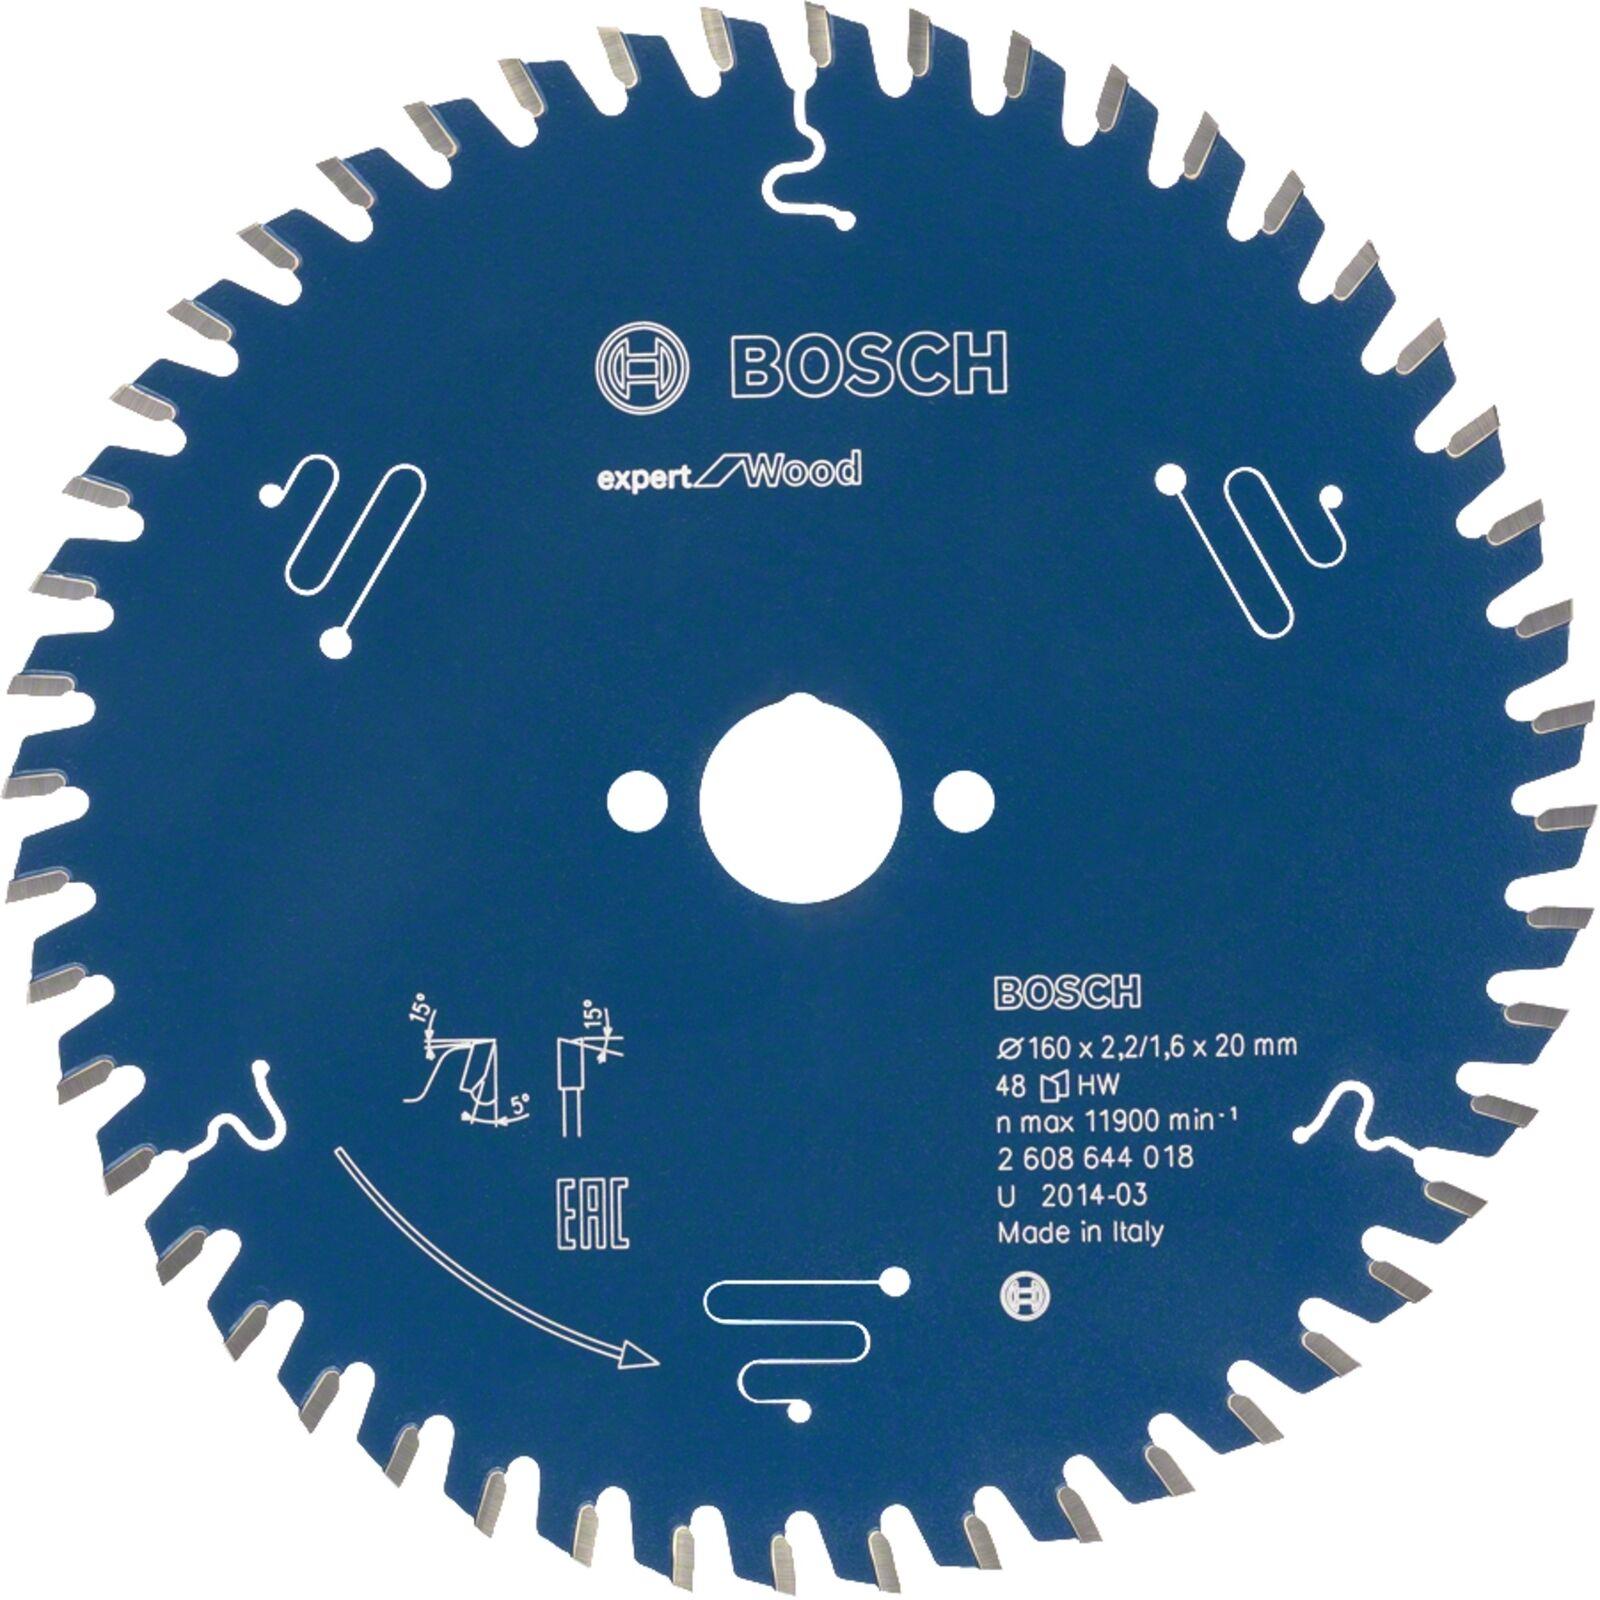 Bosch Professional Kreissägeblatt Expert Wood 216mm x 30, 2608642497, Sägeblatt